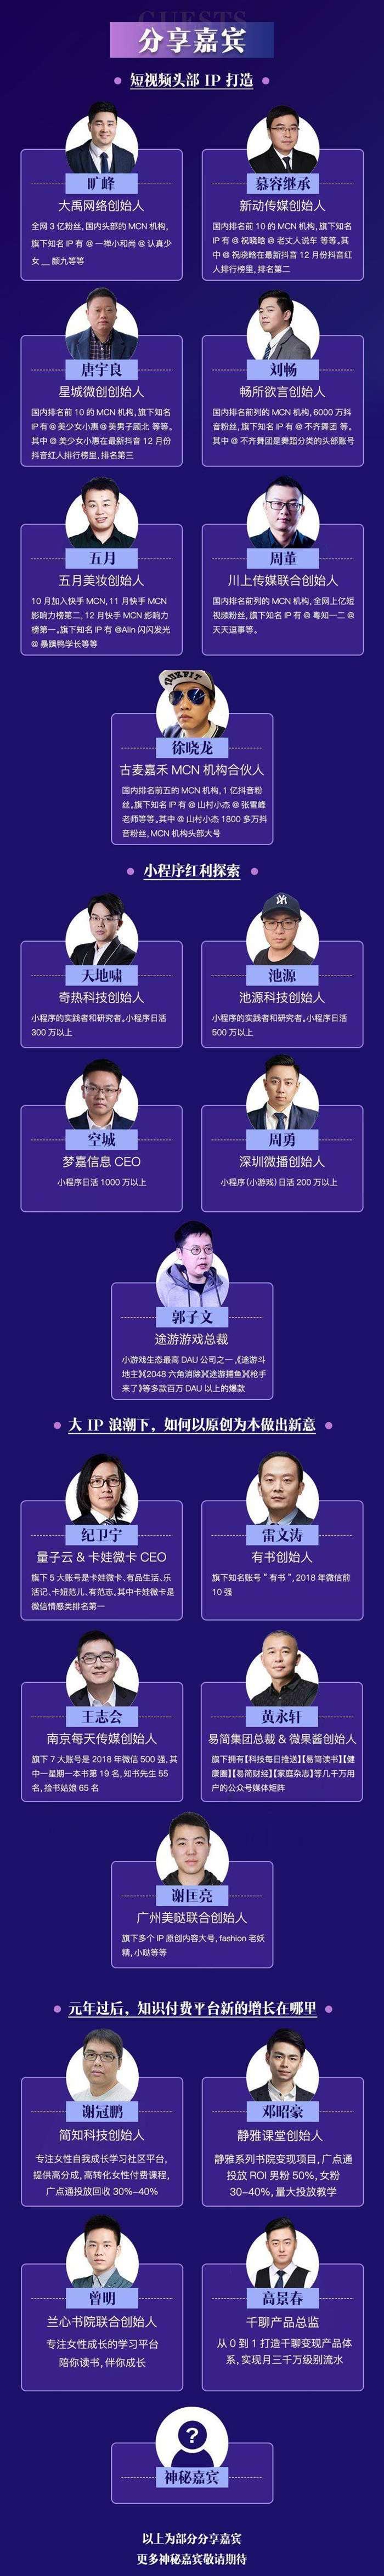 20190125-新媒体大会报名页面_04.png